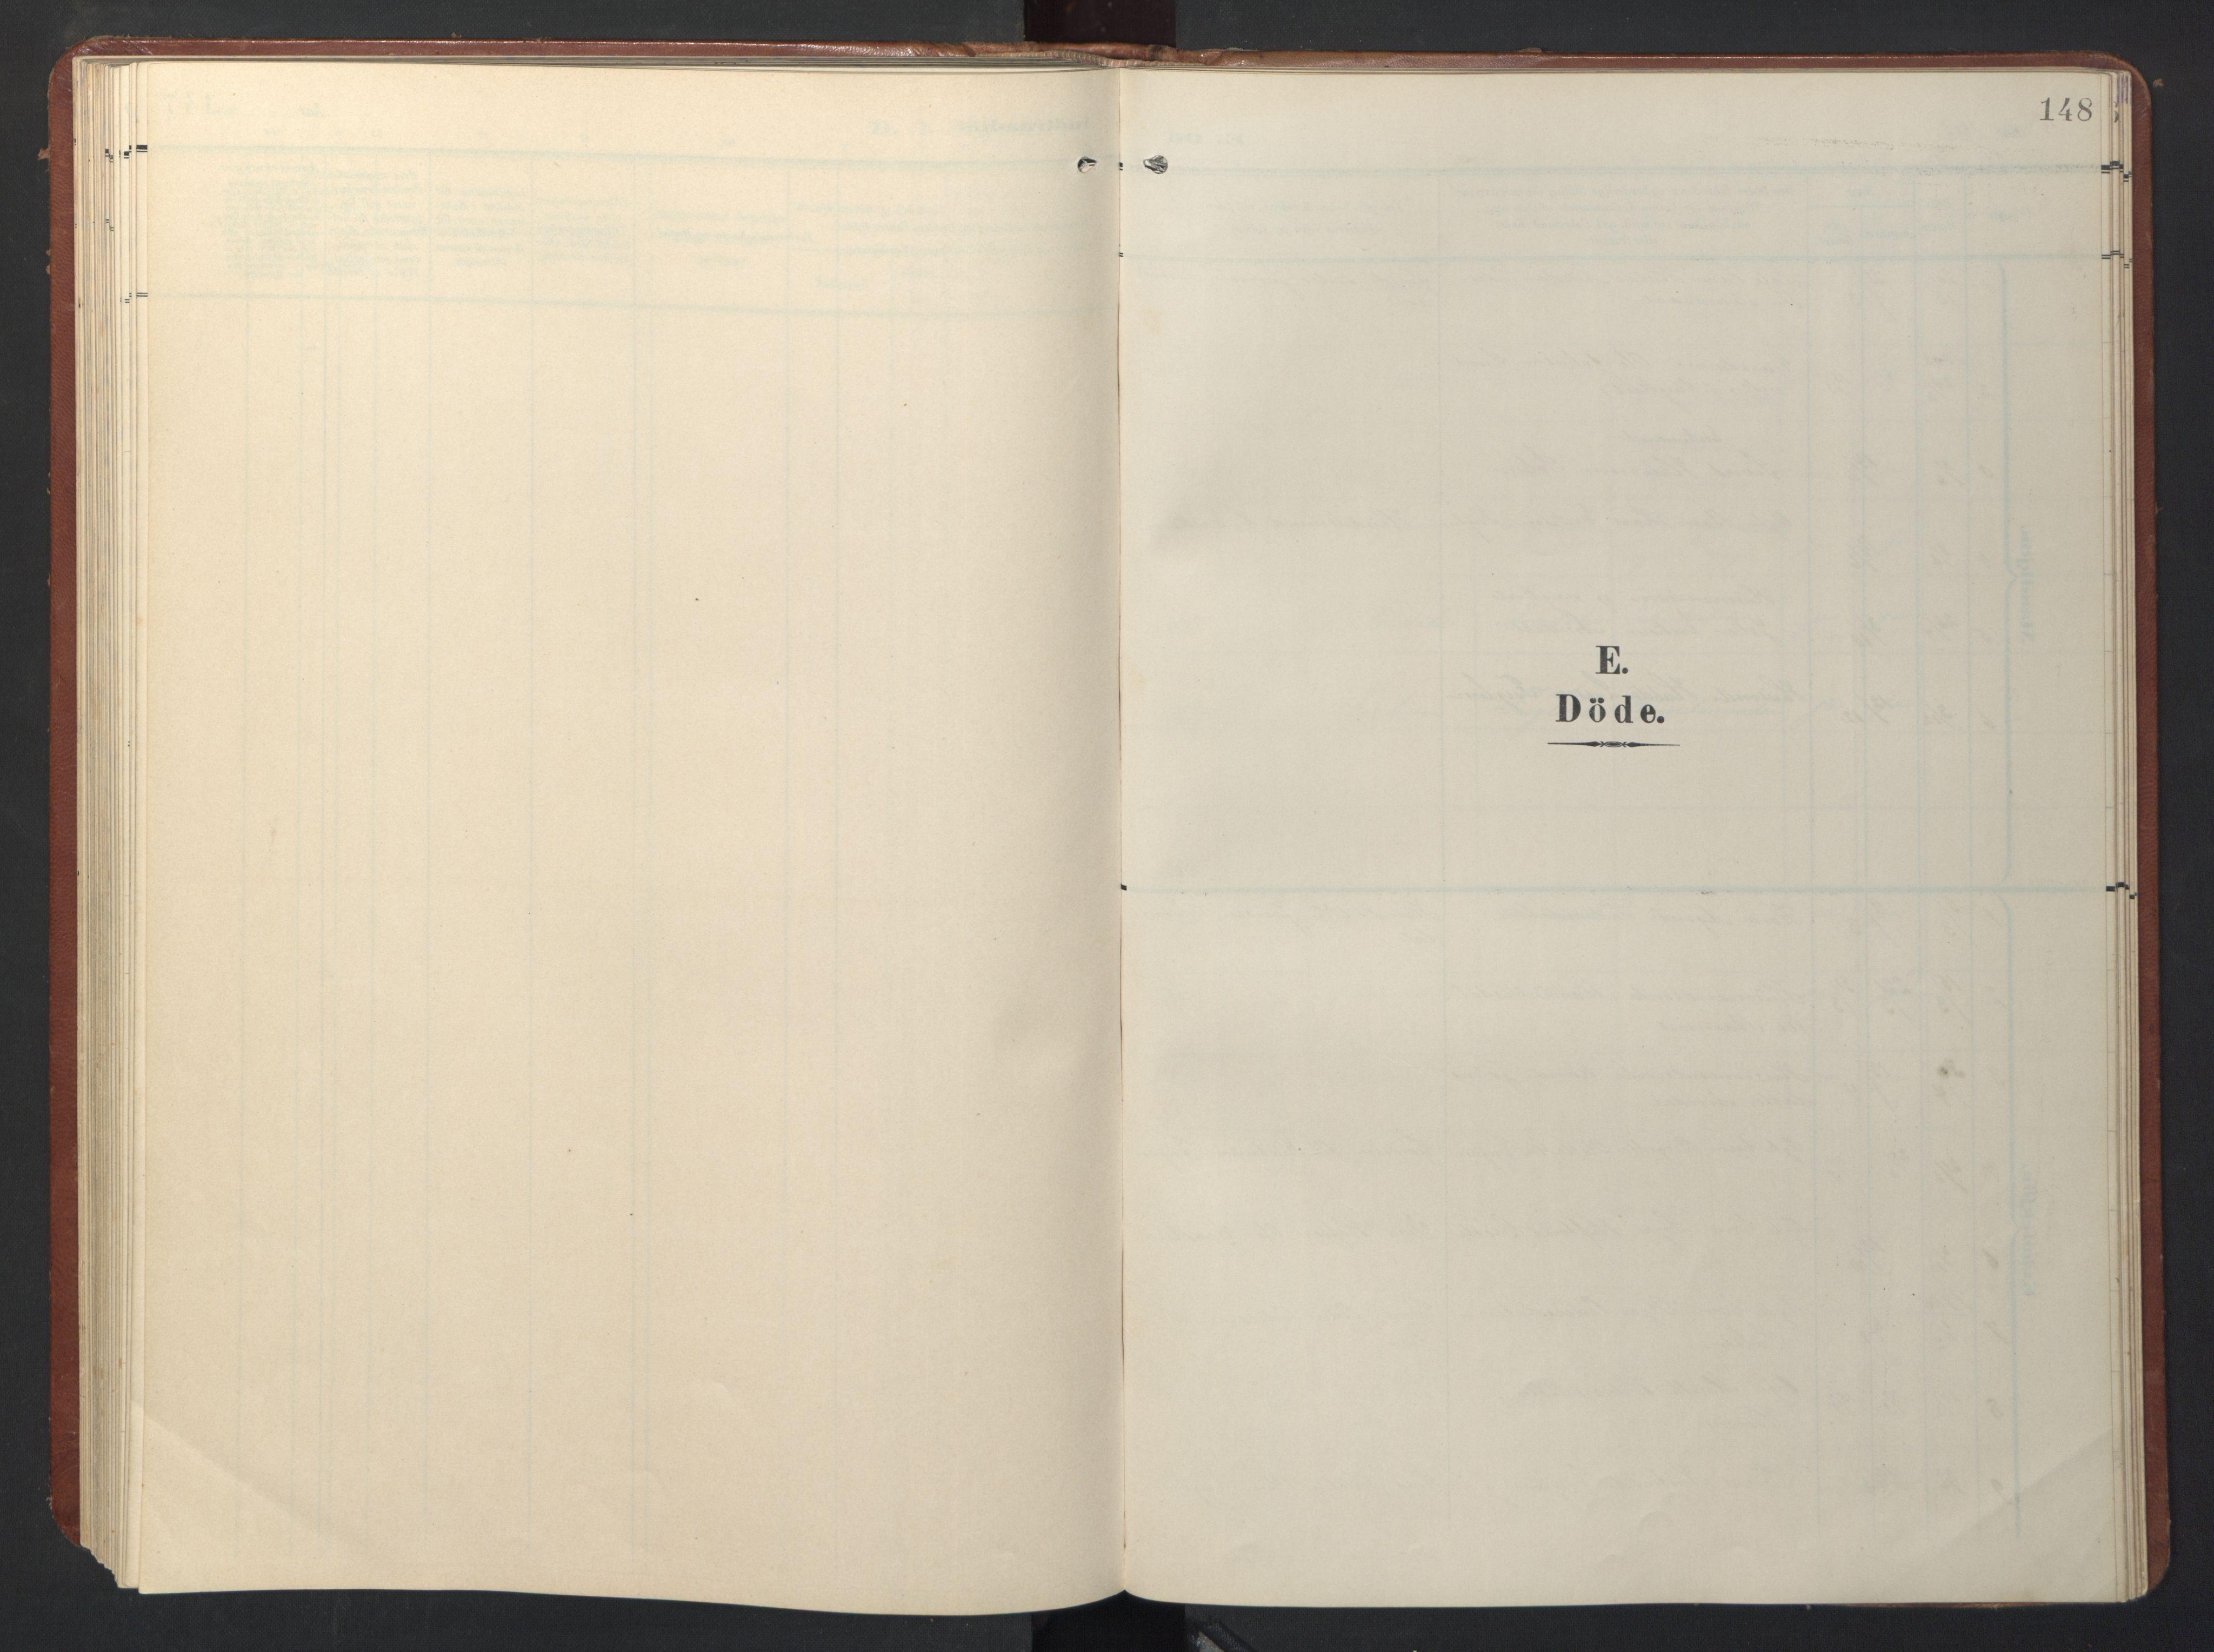 SAT, Ministerialprotokoller, klokkerbøker og fødselsregistre - Sør-Trøndelag, 696/L1161: Klokkerbok nr. 696C01, 1902-1950, s. 148